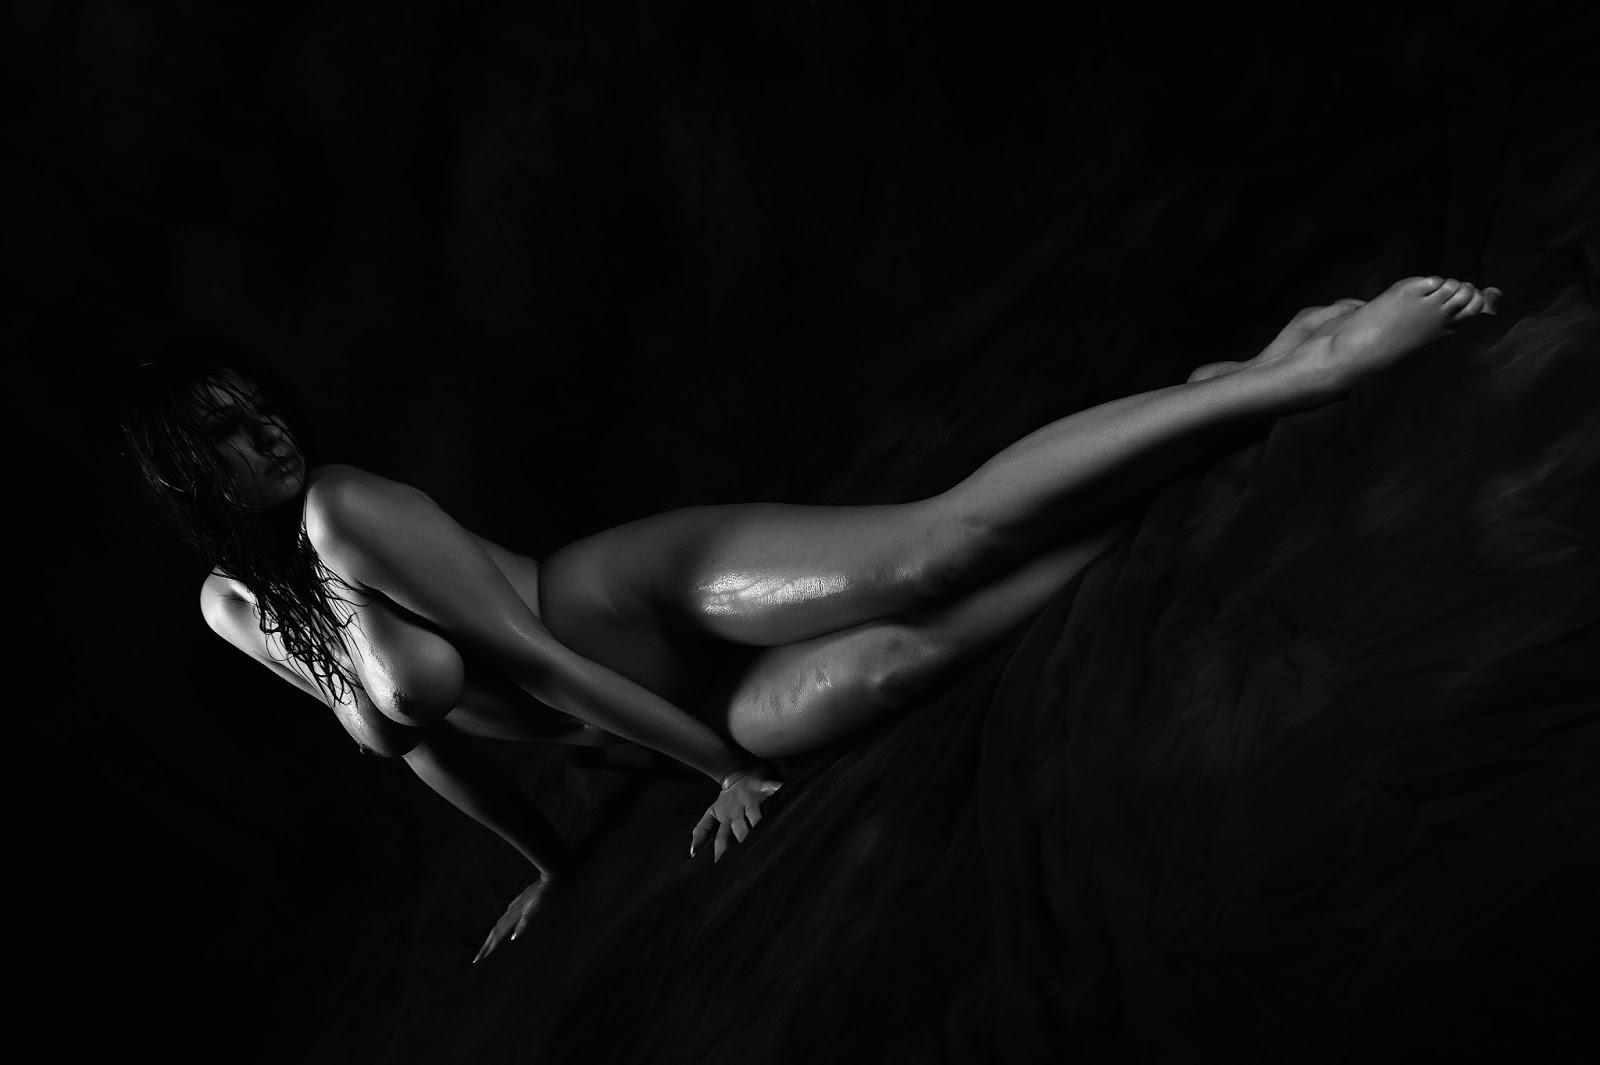 Фотосекс сженщинами маленького роста стостыми ногами большой грудью 27 фотография